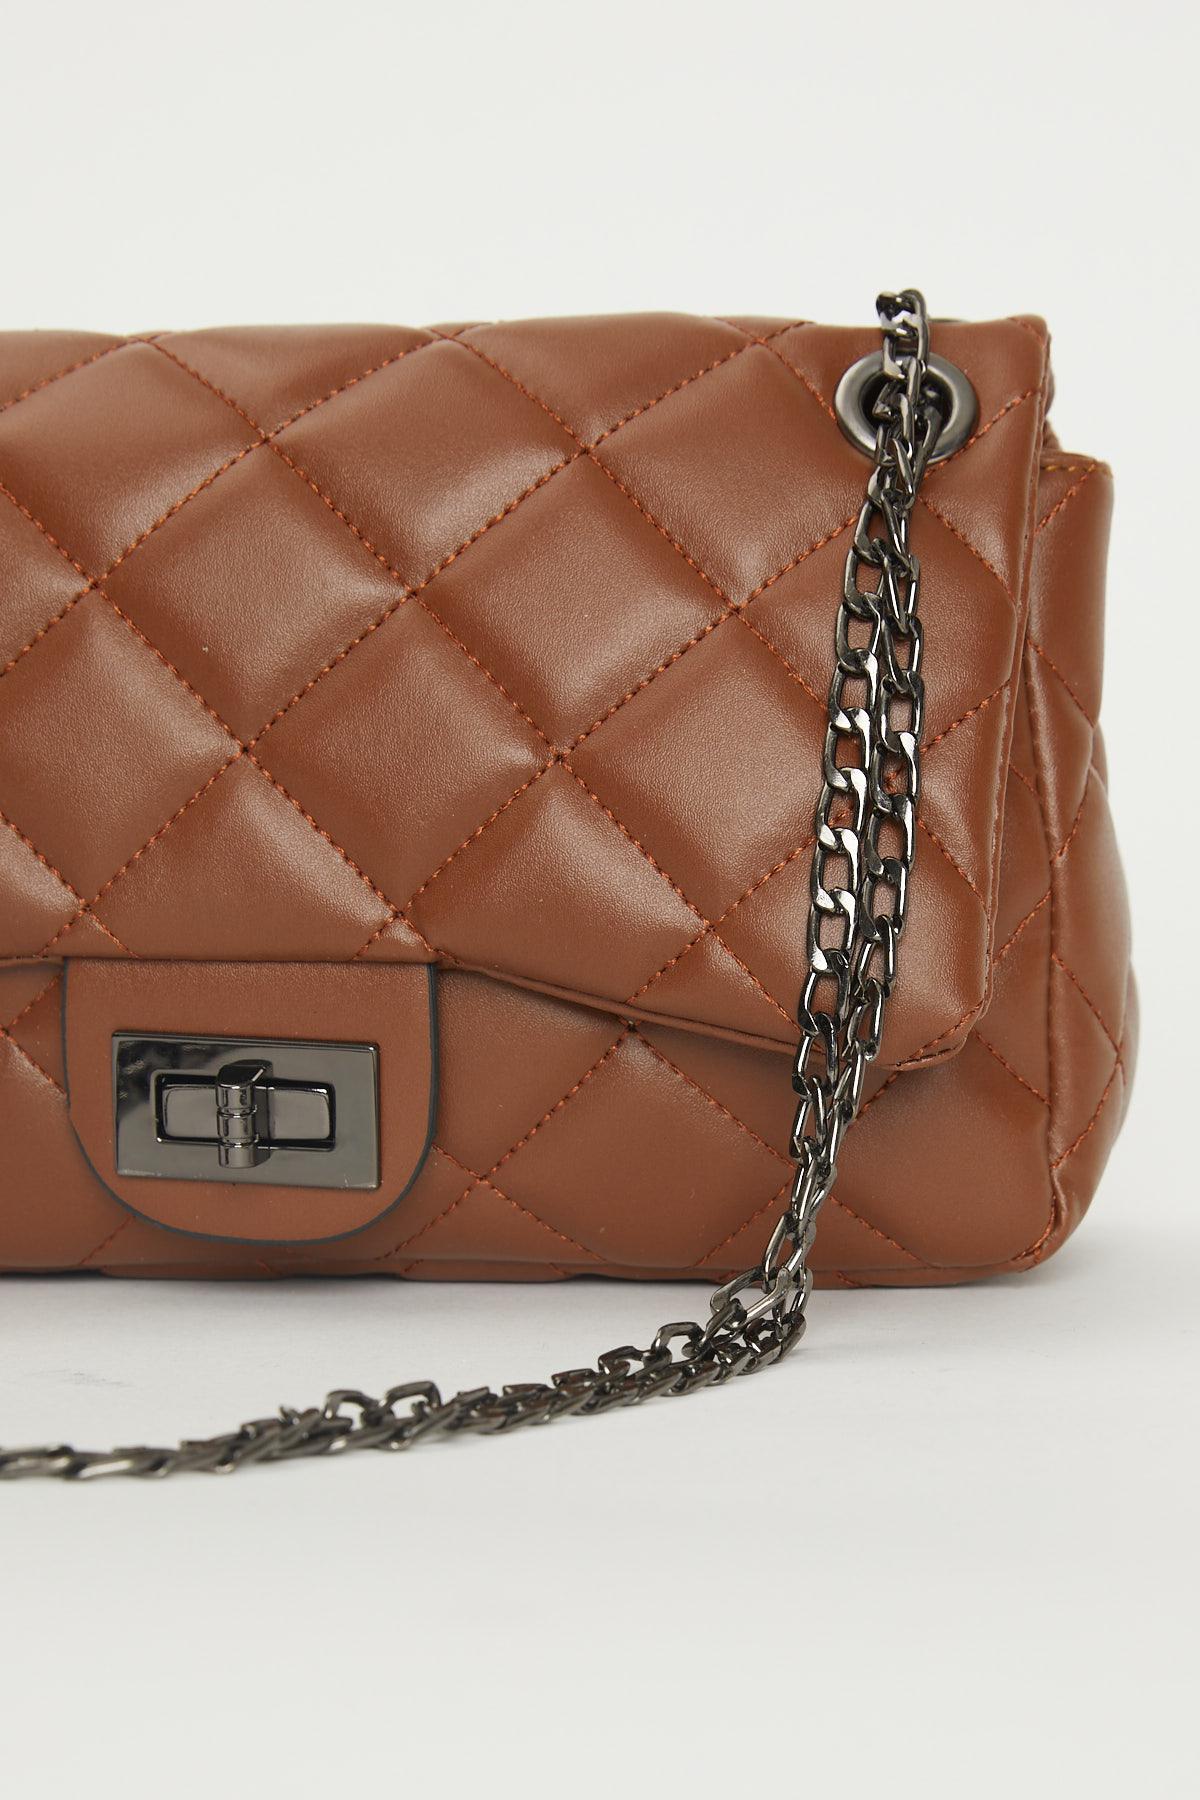 حقيبة كروس بودي مبطنة بني مفصلة بسلسلة نسائية